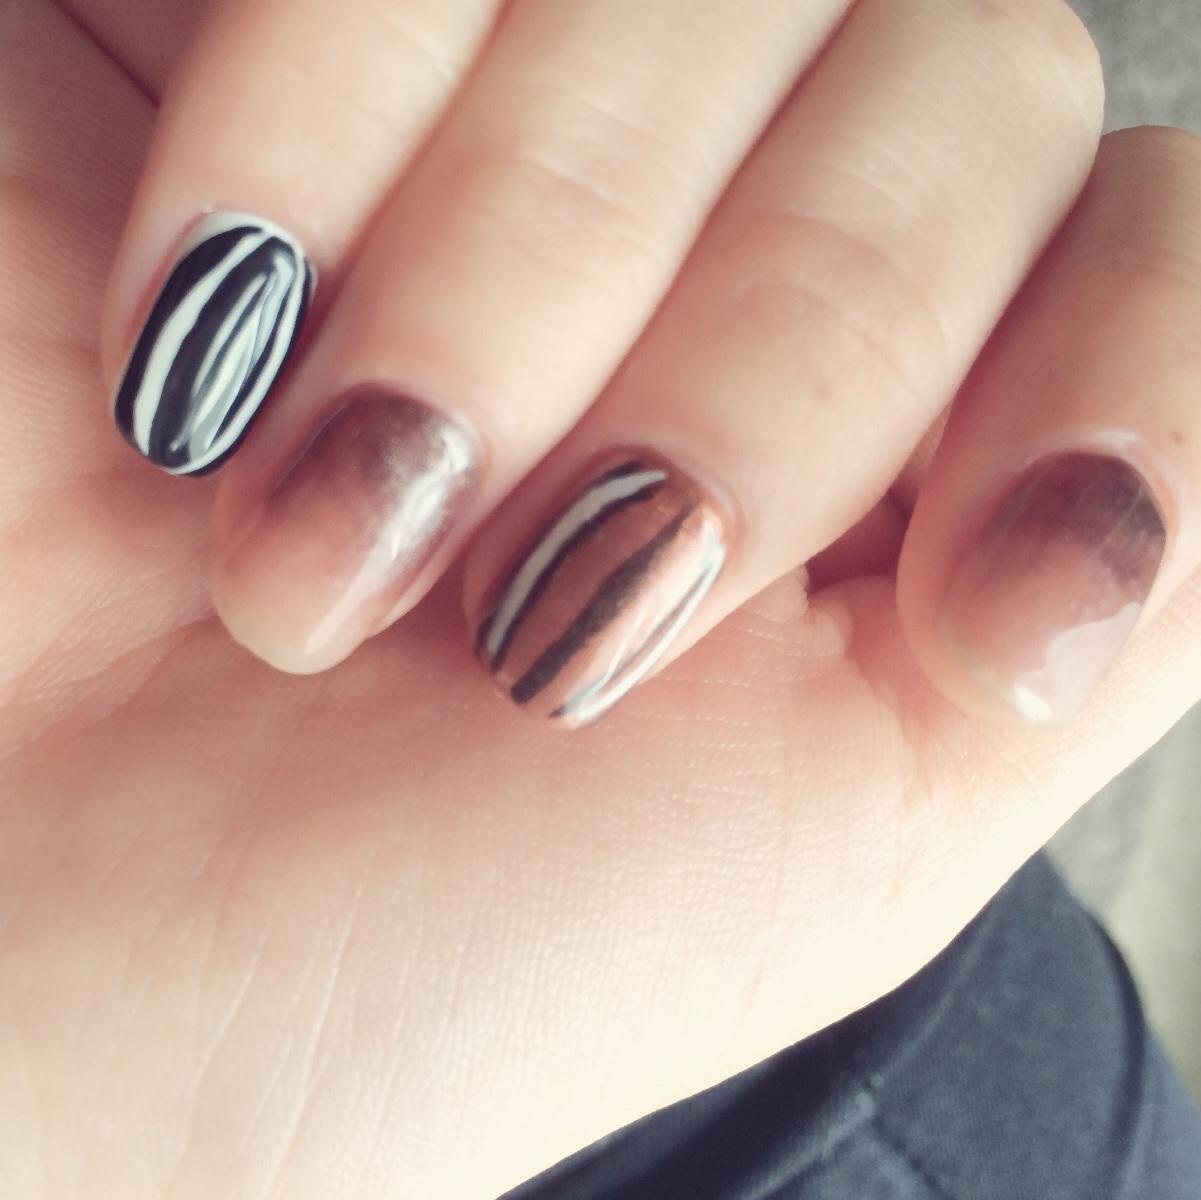 にして実際のシマリスの爪とおそろいにして、ブラウン地に黒と白の縞模様でシマリスの背中風、小指は白地に黒でざっくりとラインをひいてヒマワリの種 っぽくした。